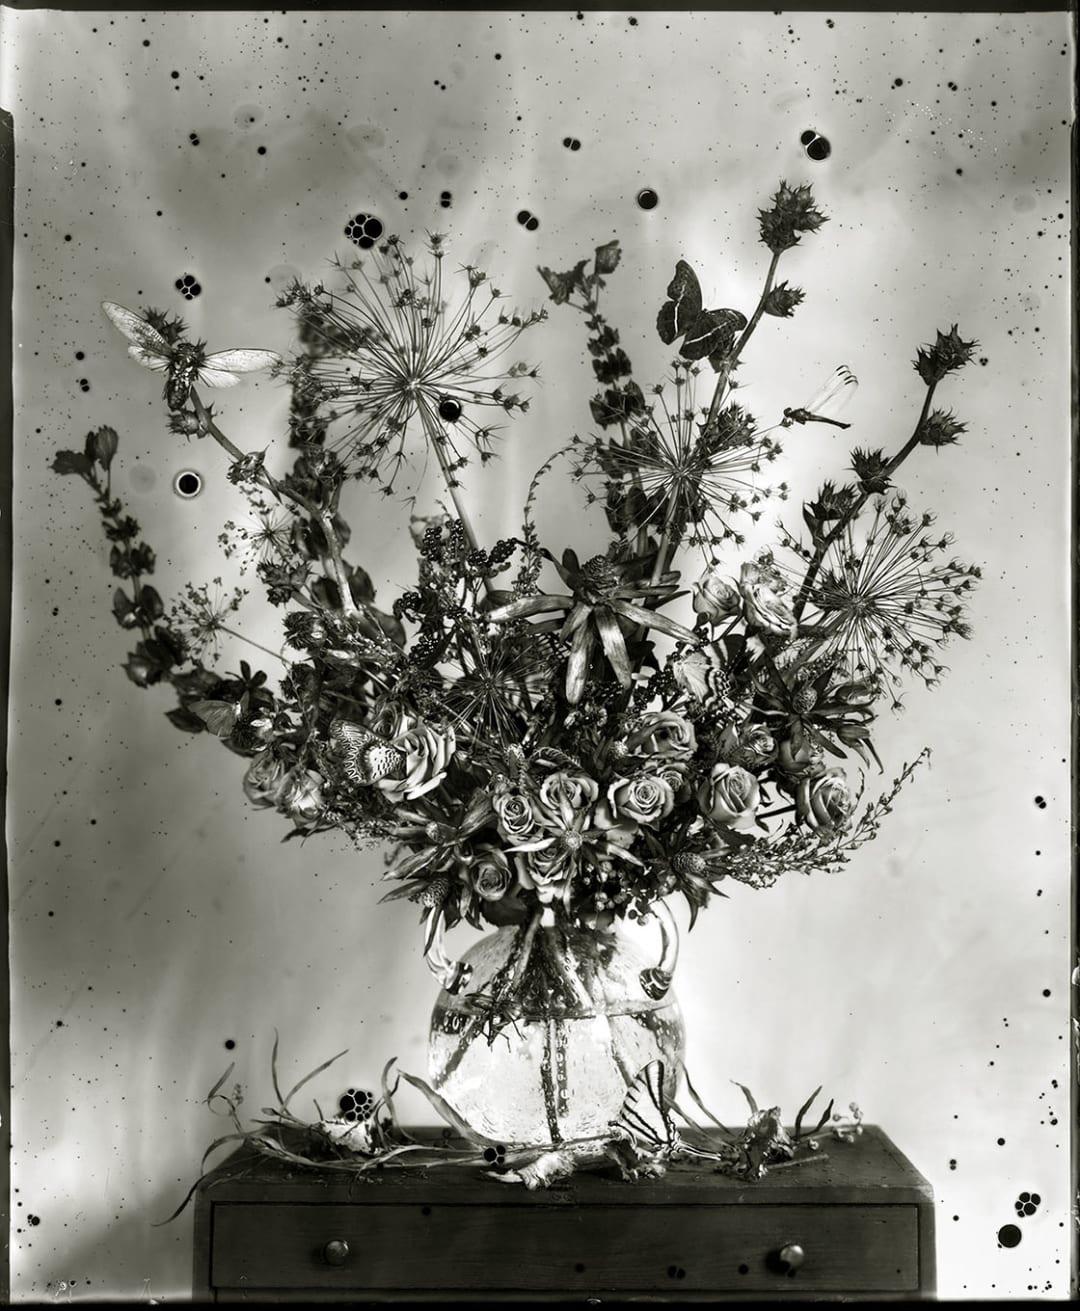 Fin, 2017 - Whitney Lewis-Smith